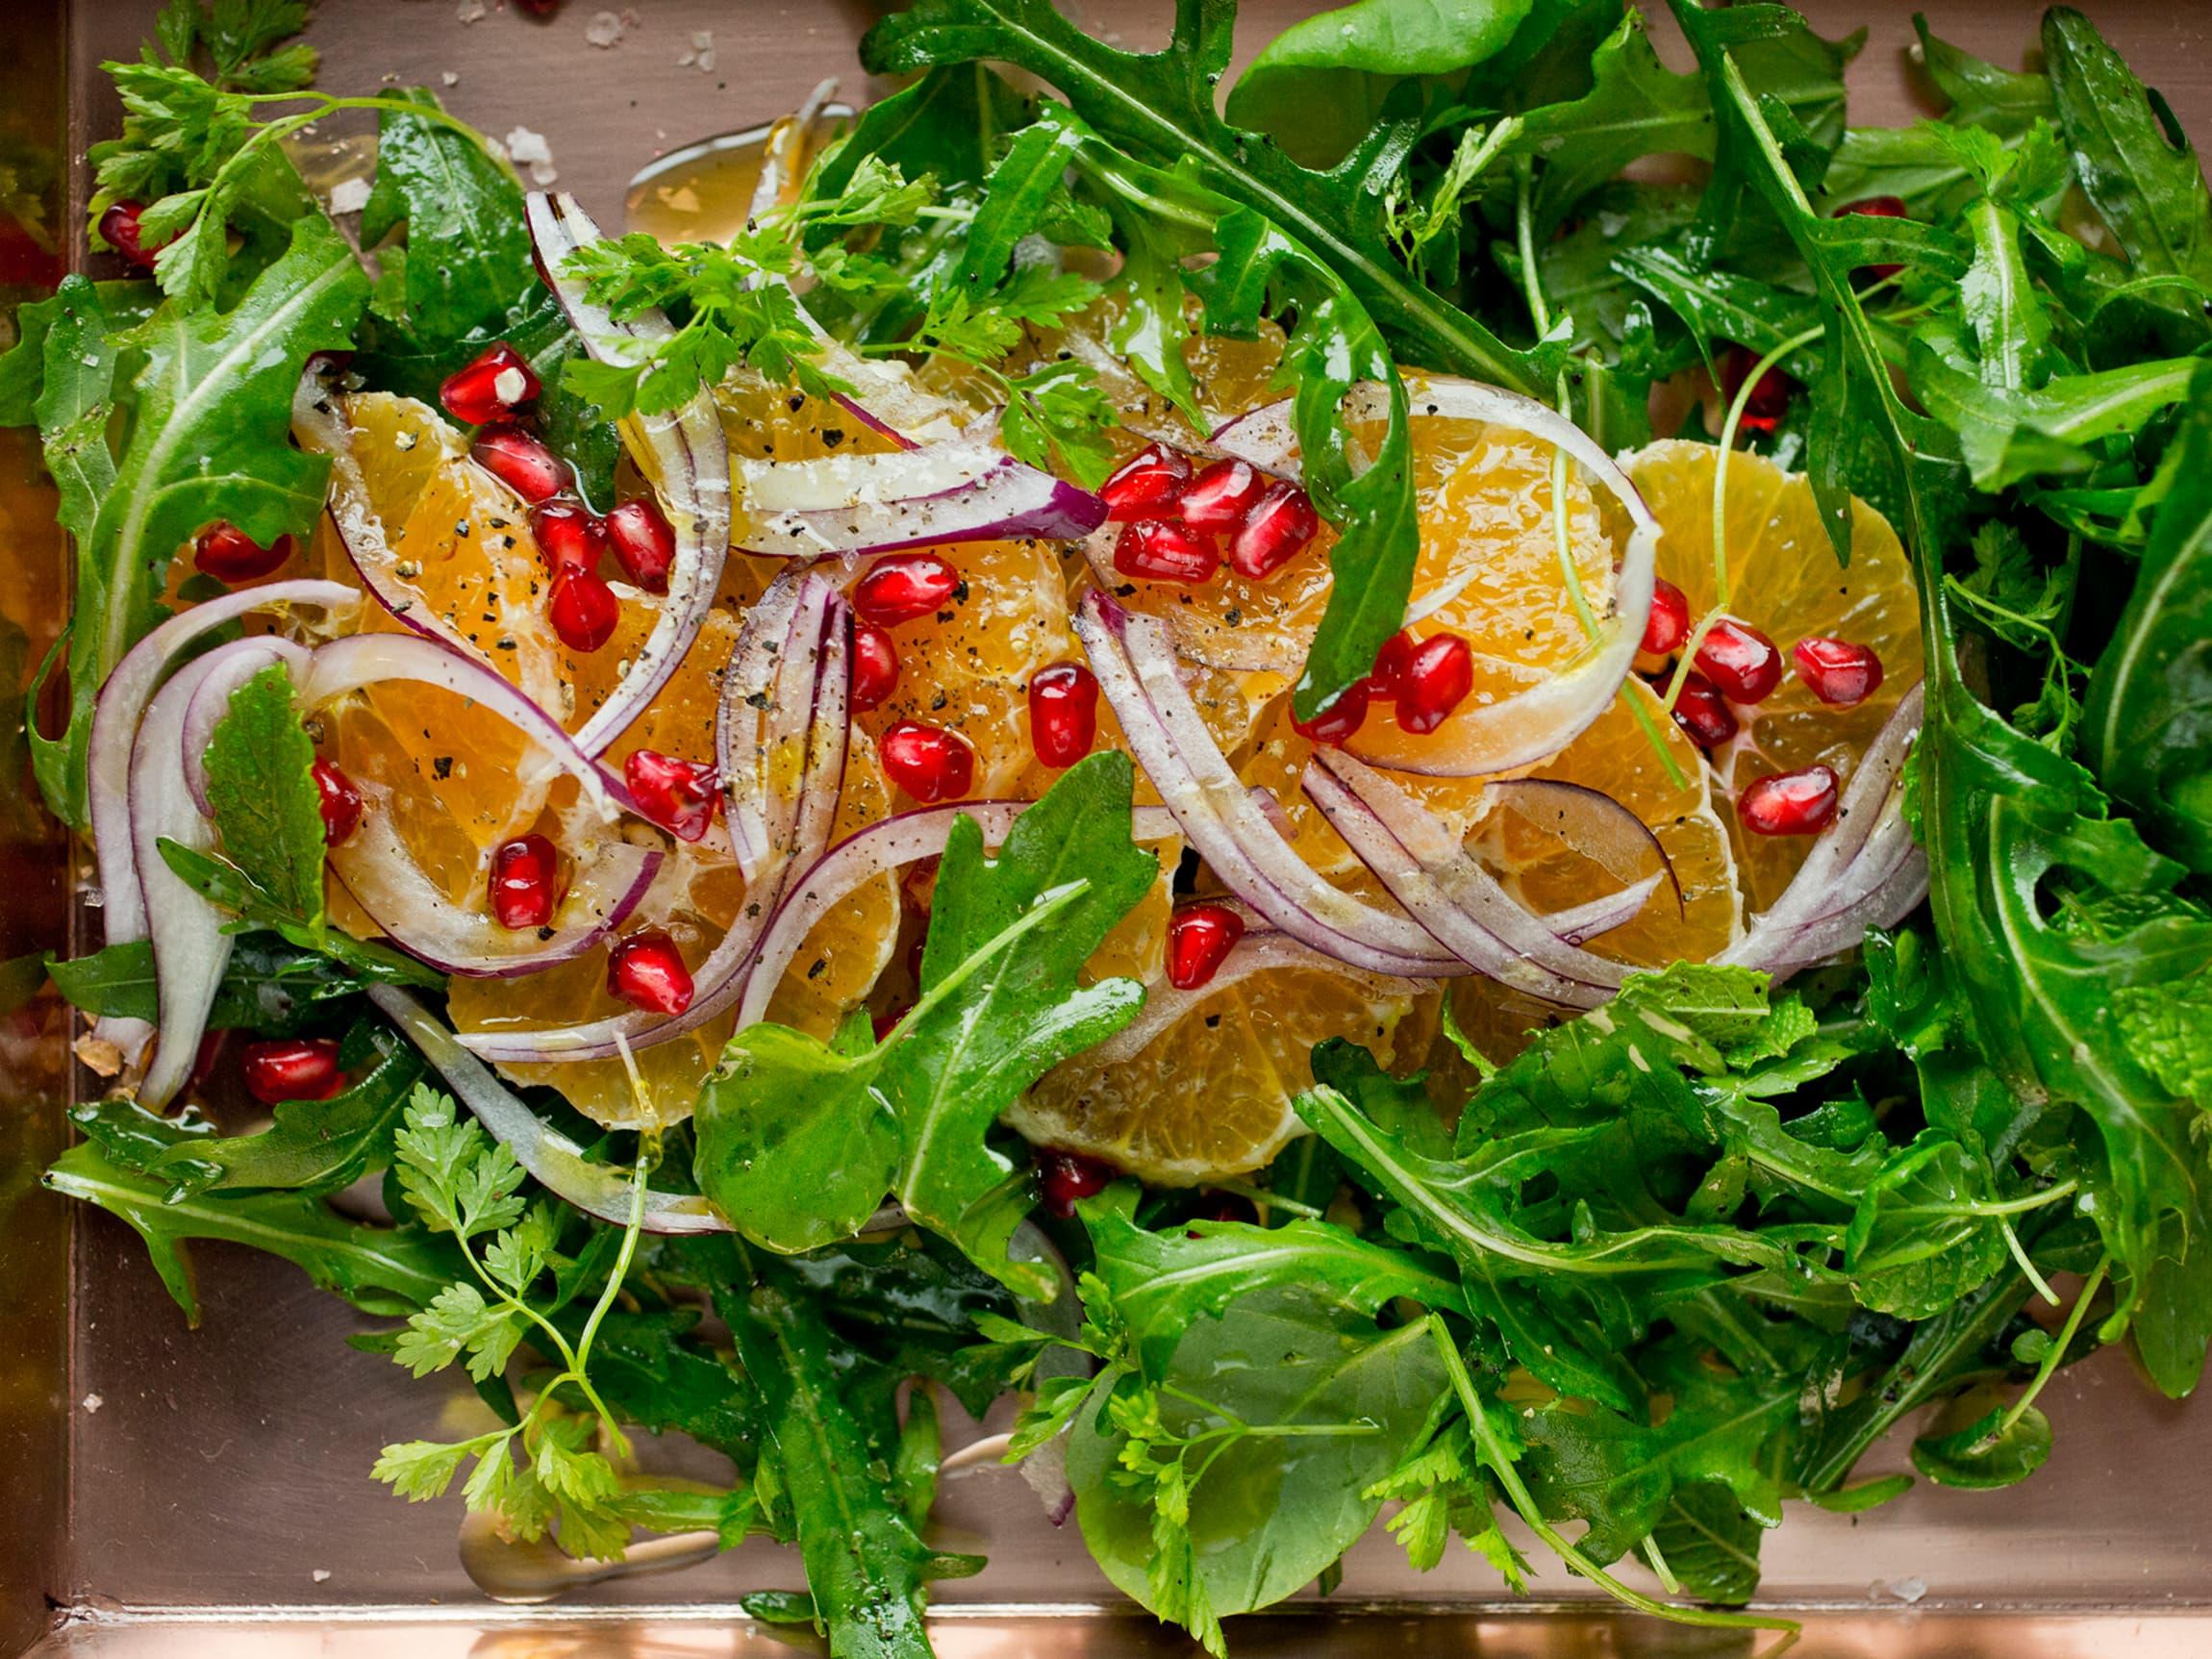 En frisk og fruktig salat som pynter opp julebordet.